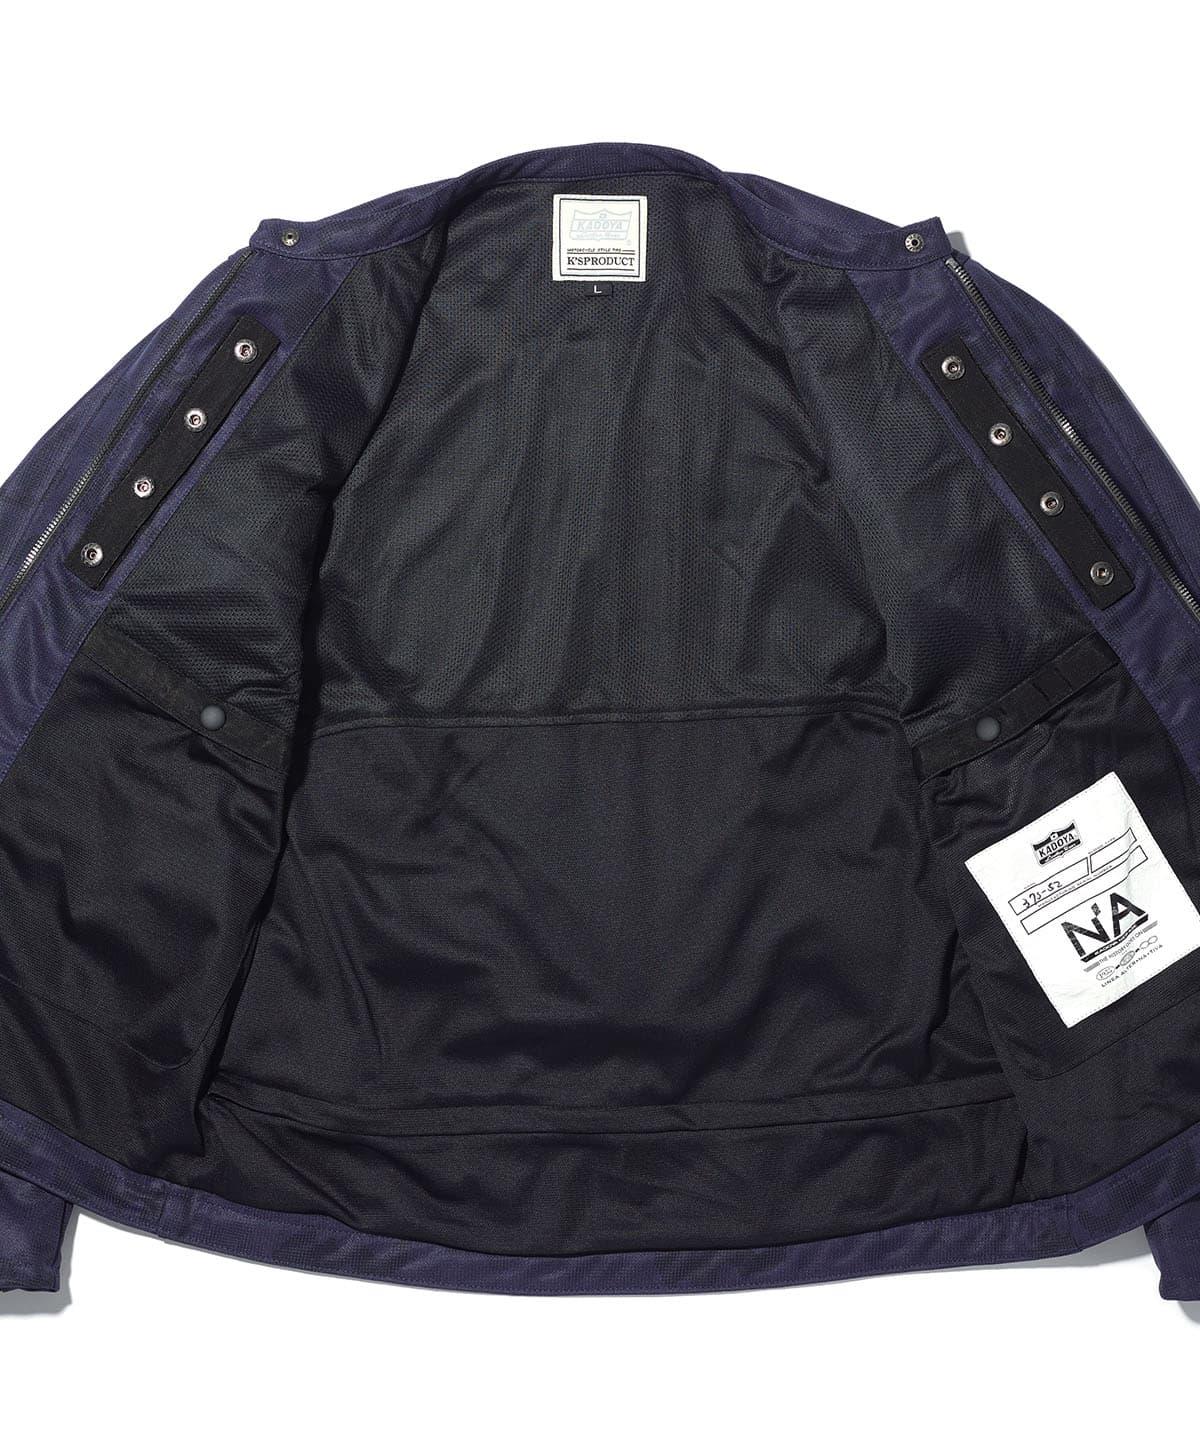 予約販売 カドヤ(KADOYA) K'S LEATHER & K'S PRODUCT ACRO / CAMO アクロ/カモ メッシュジャケット ネイビー×カモフラ